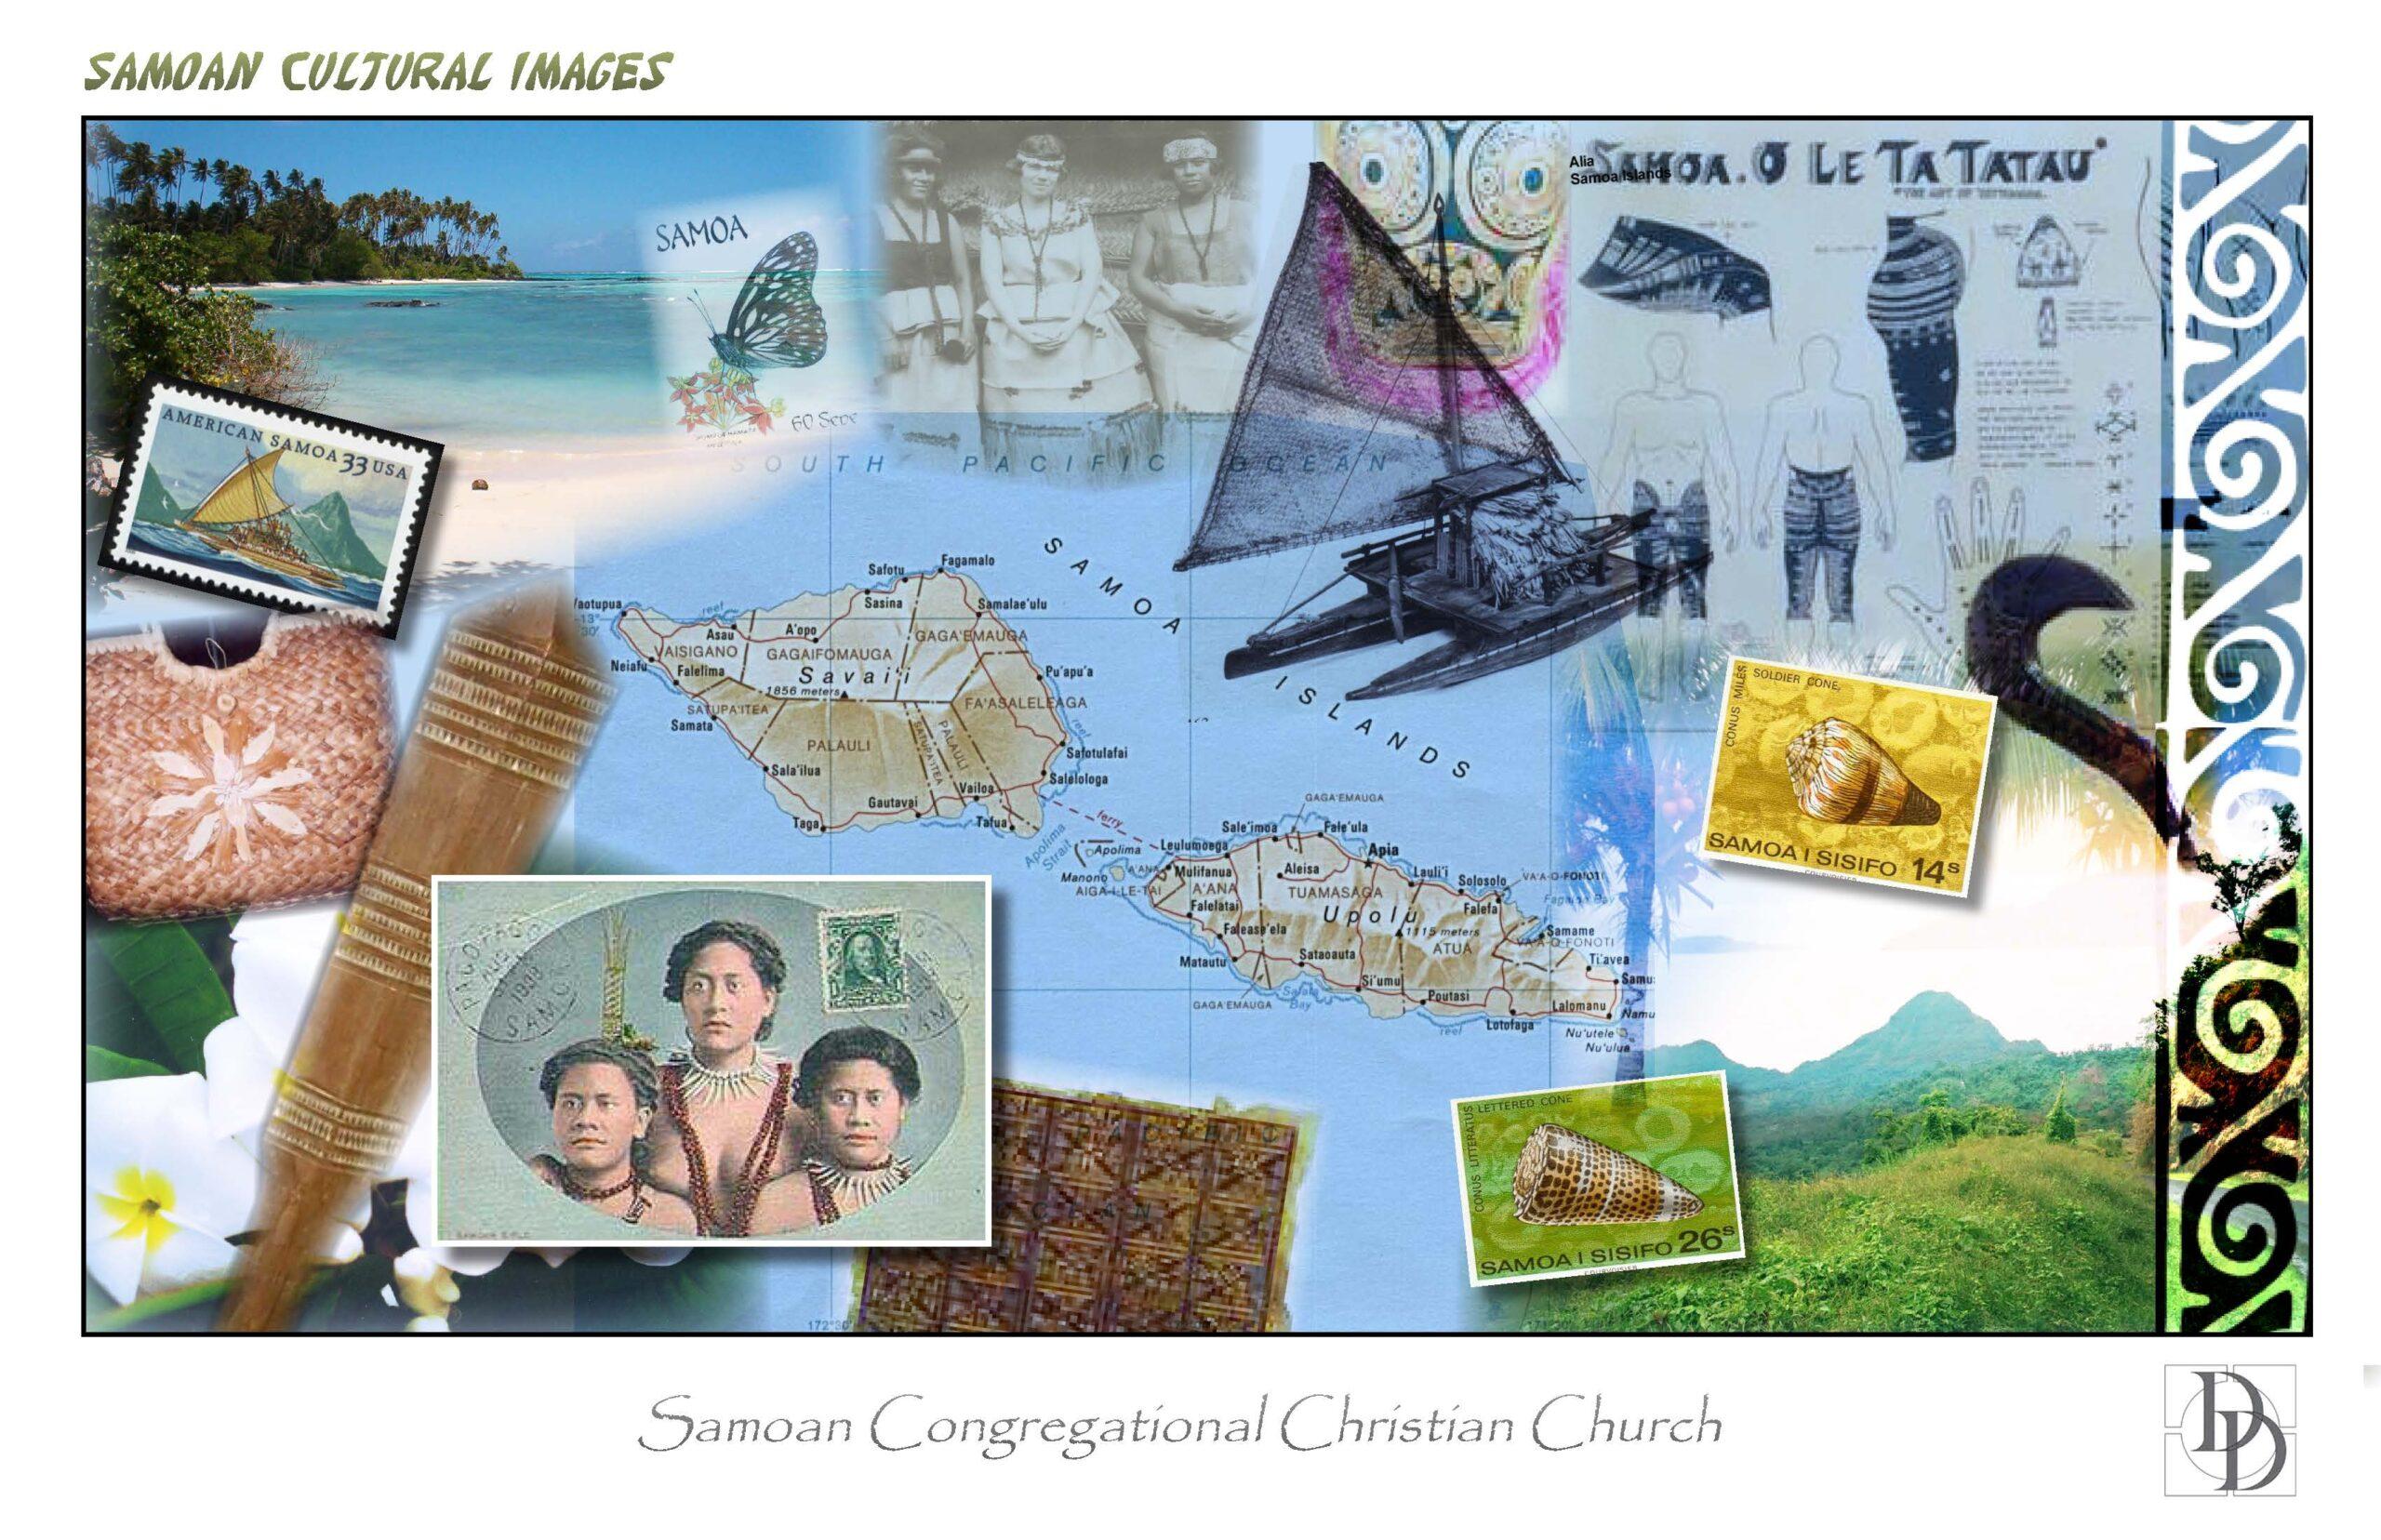 SAMOAN CONGREGATIONAL CHRISTIAN CHURCH                           SANTA ANA, CALIFORNIA